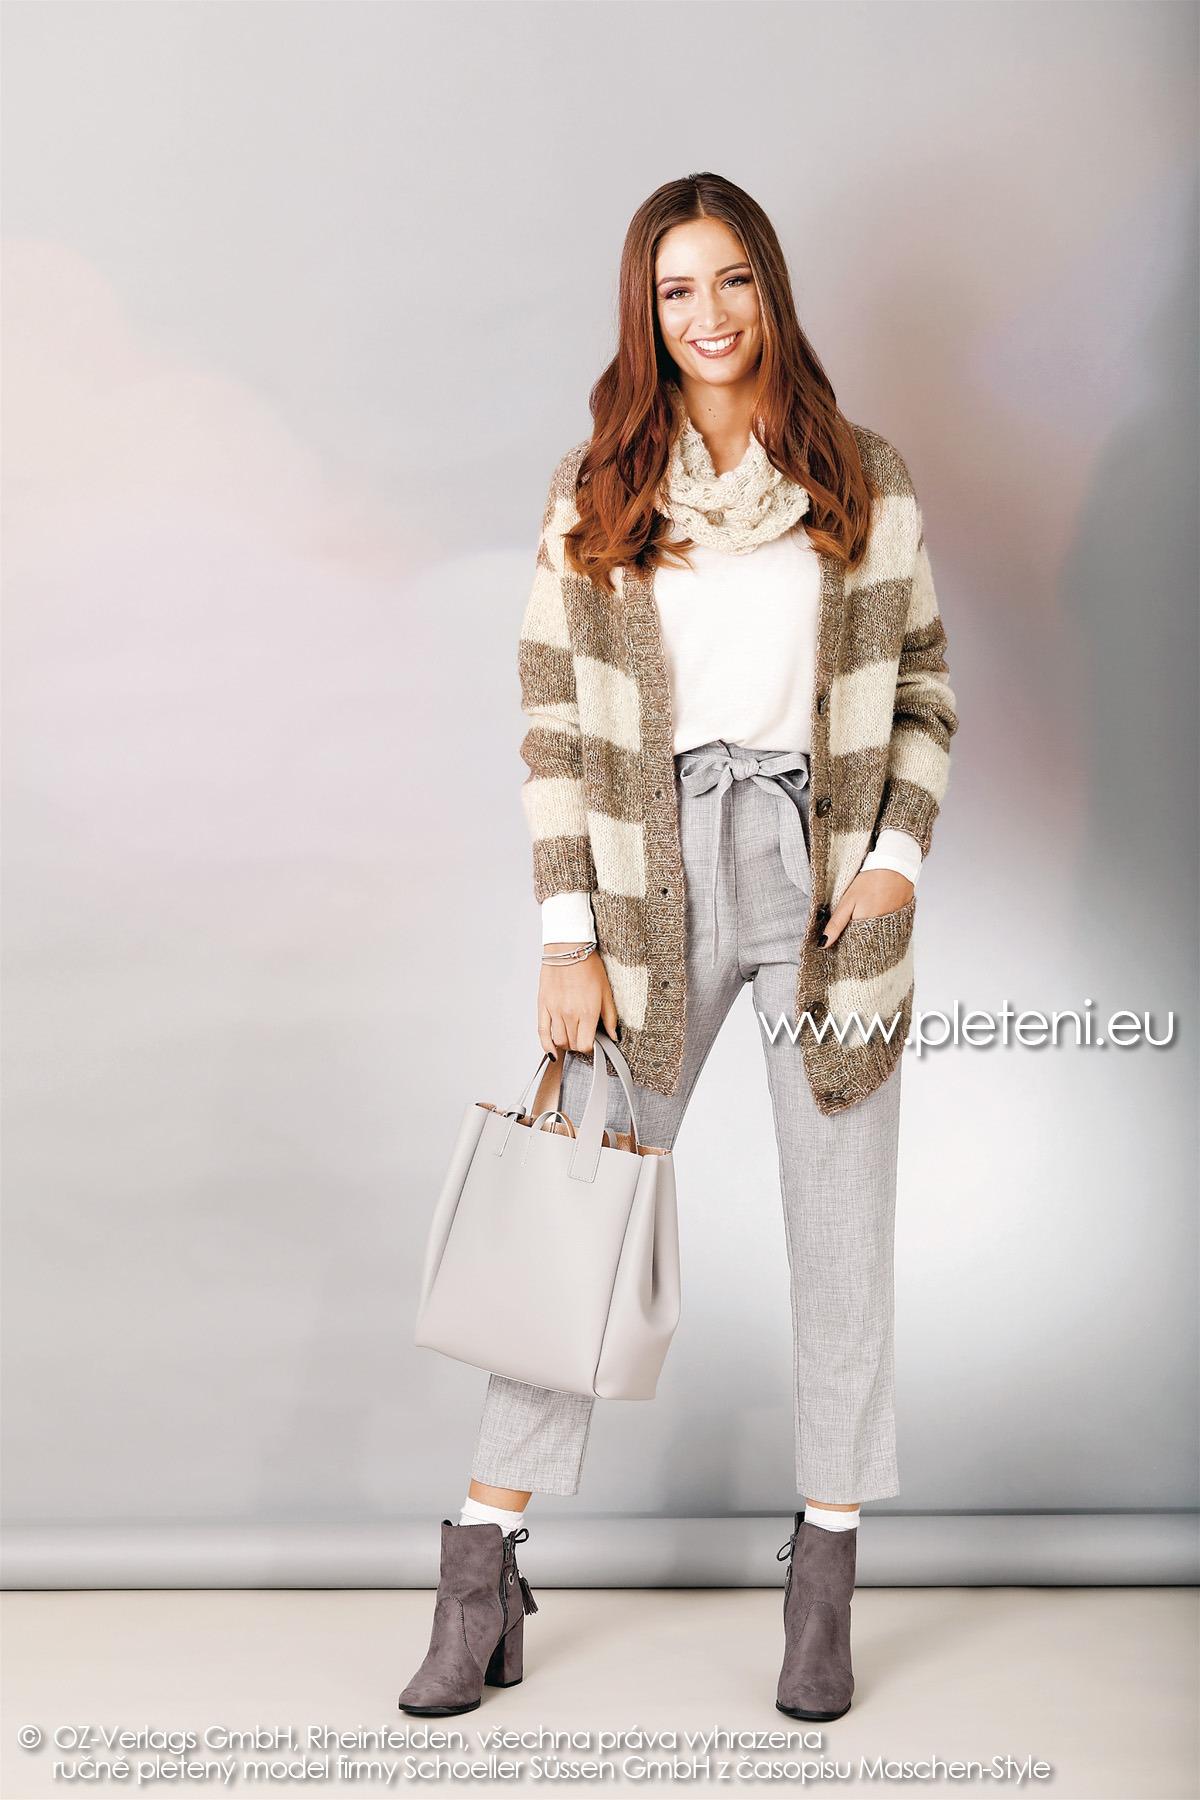 2018-Z-01 dámský kabátek z příze Alpaca Star nebo Mohair Dream firmy Schoeller